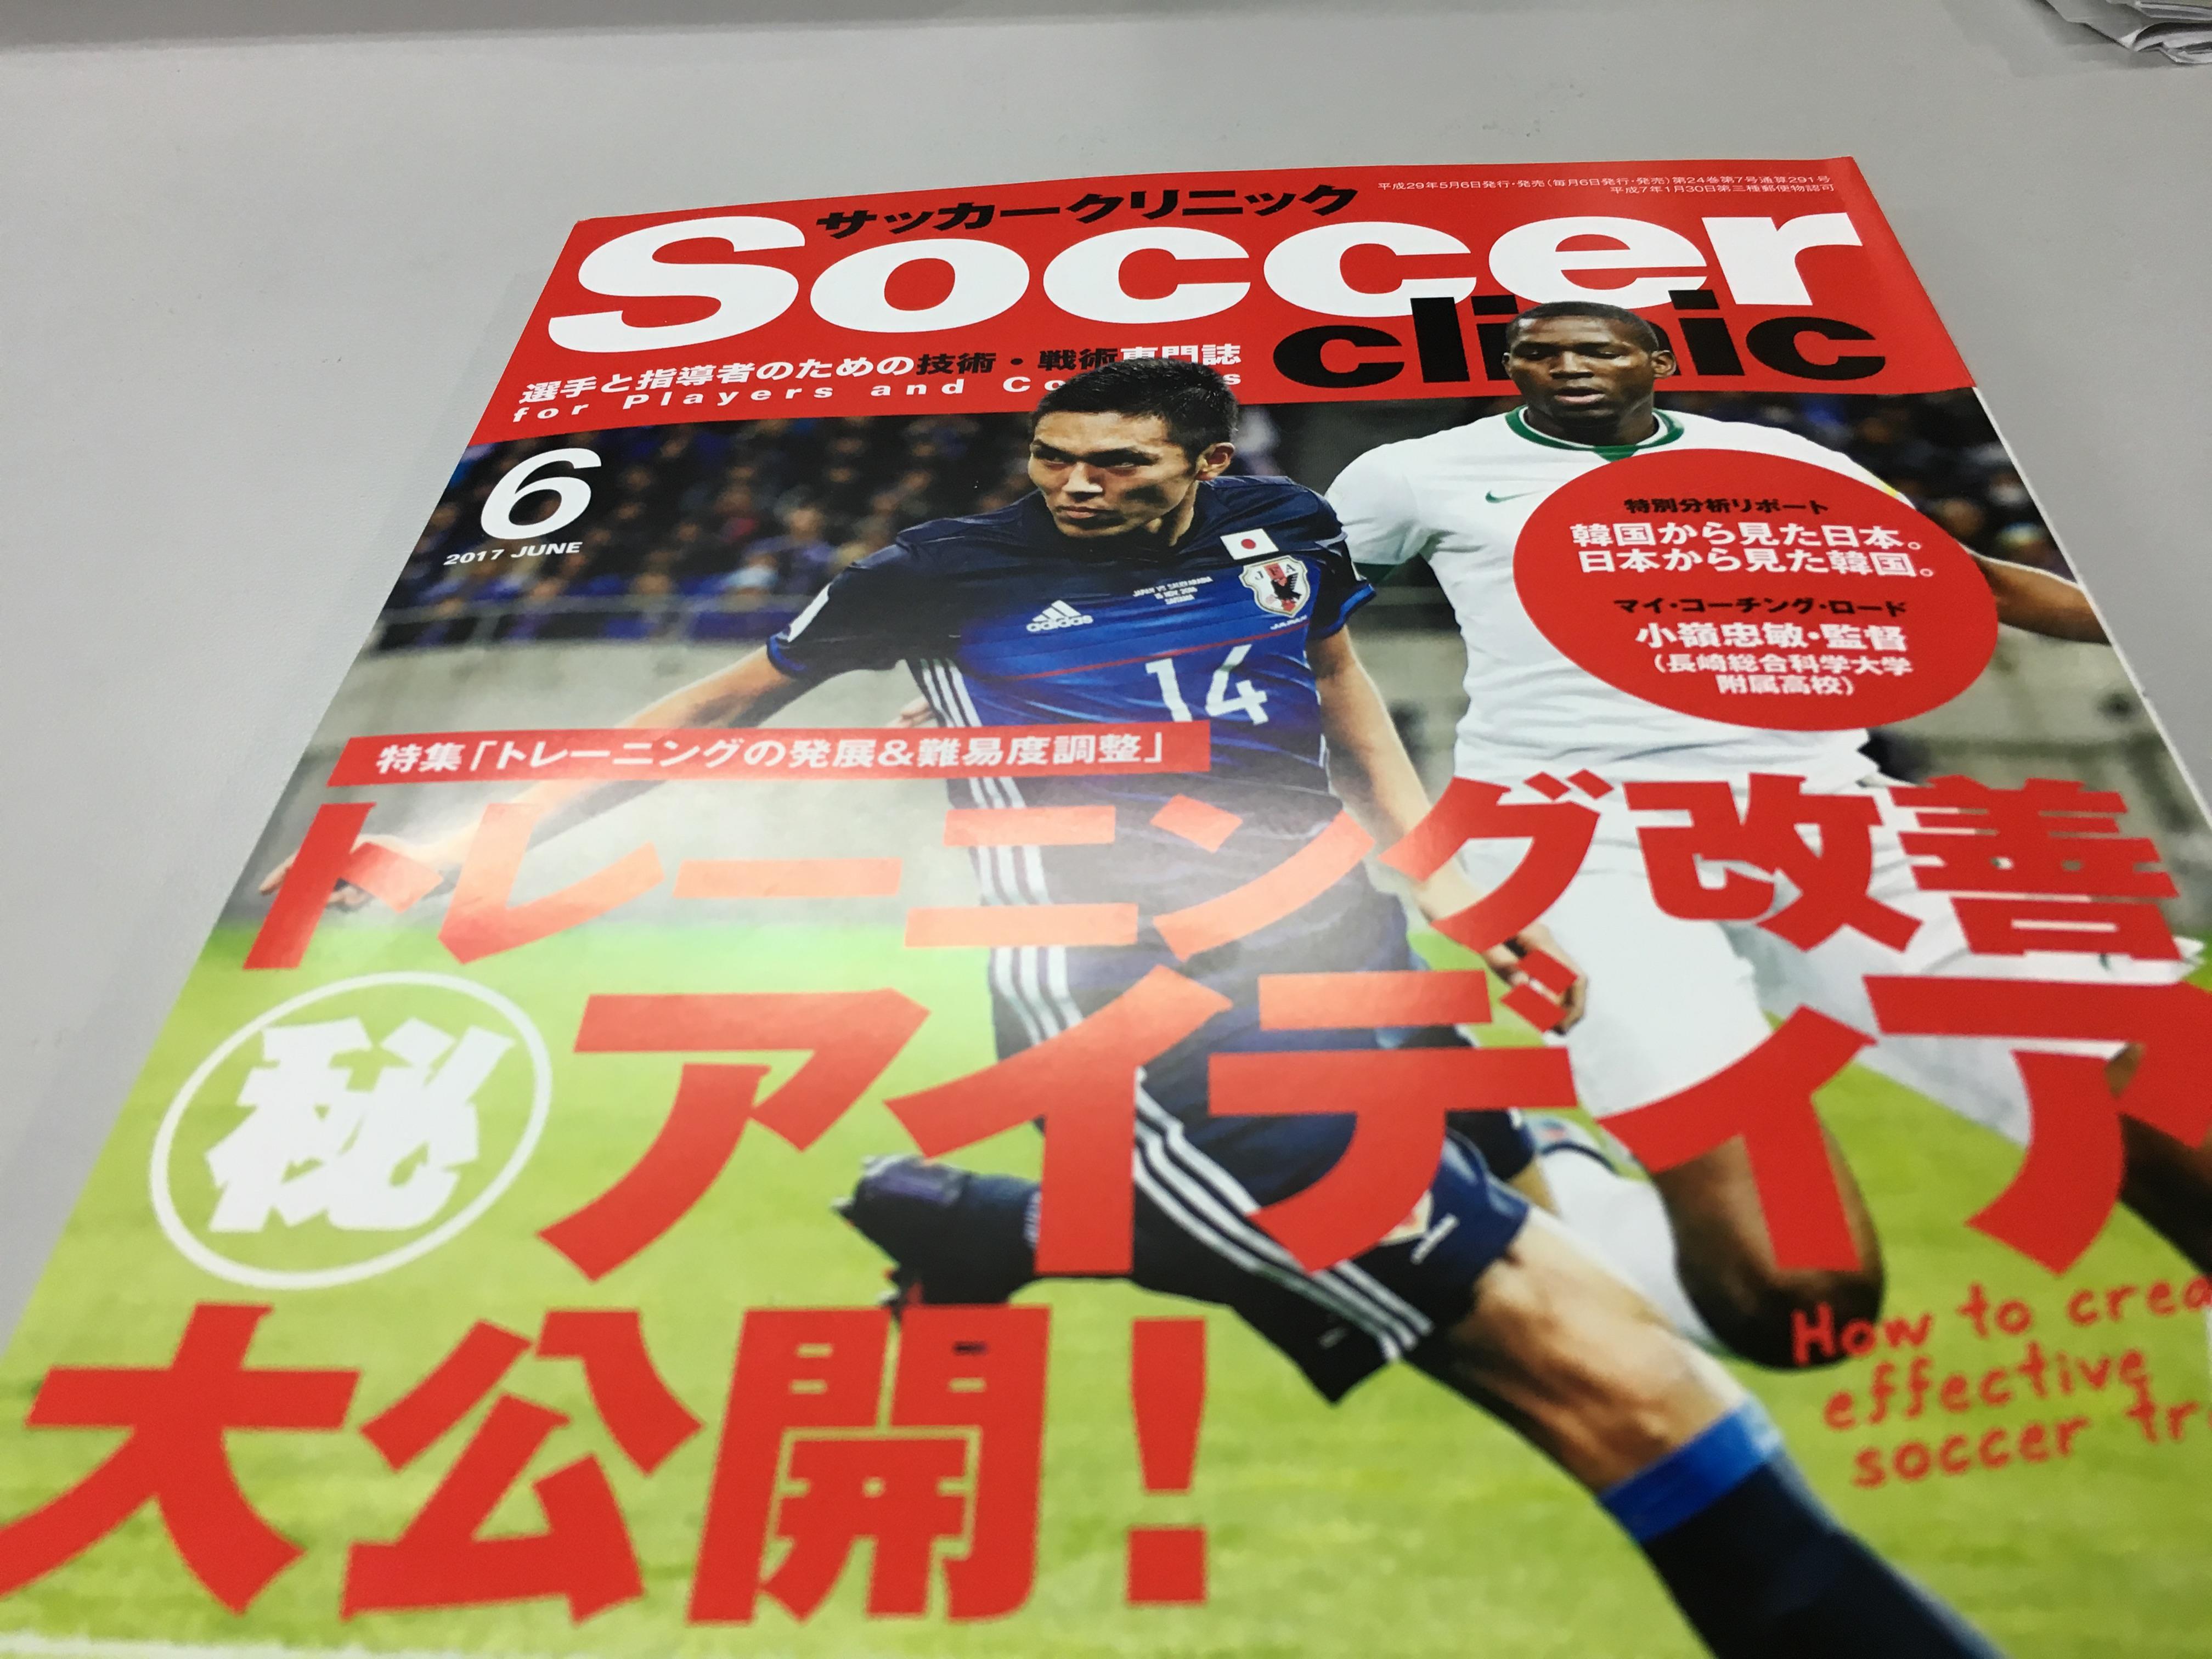 練習メニュー公開!サッカークリニック6月号に掲載されました。5回目の取材です。